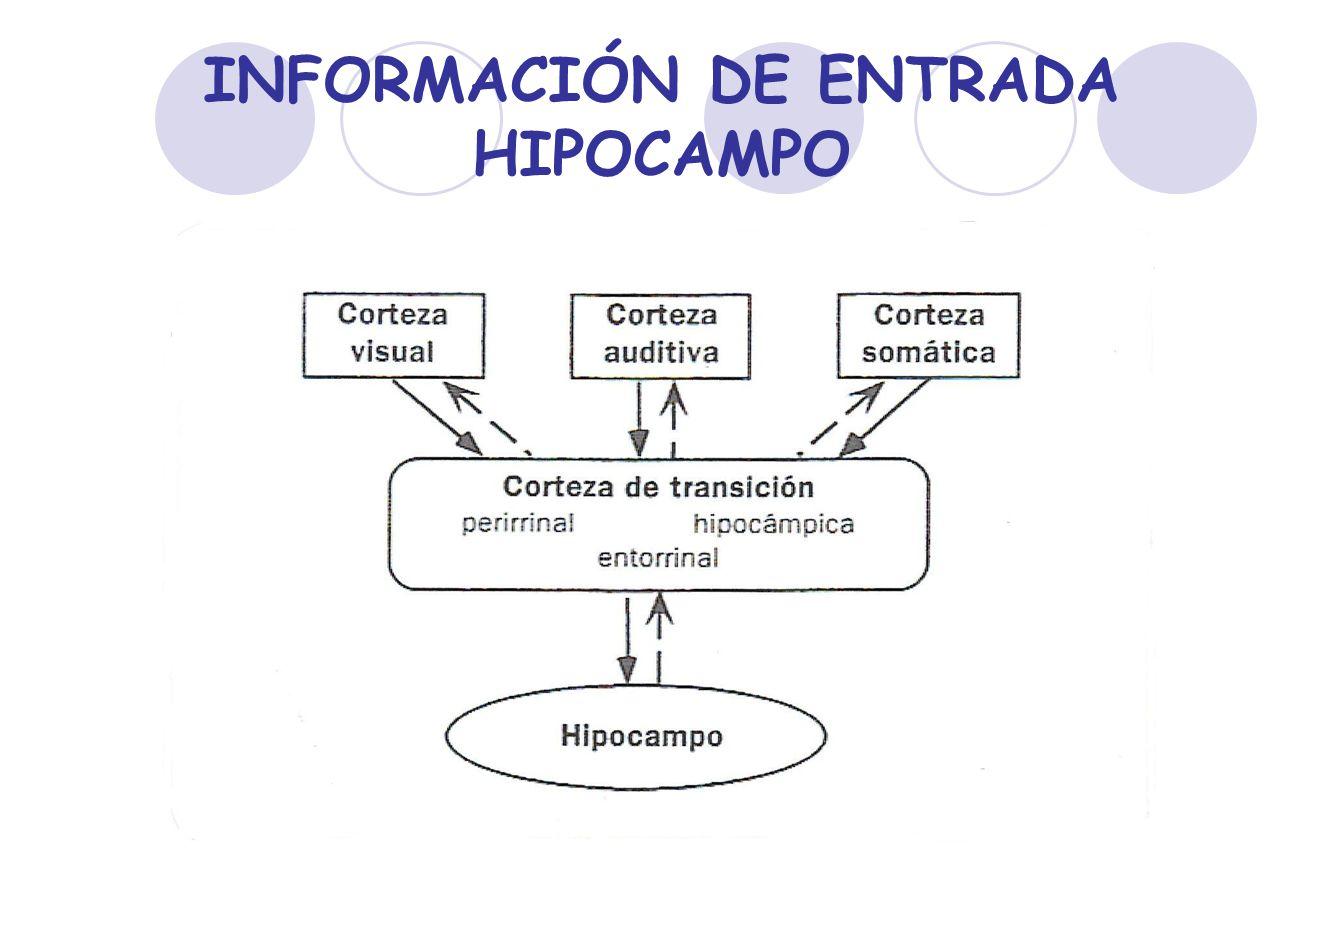 INFORMACIÓN DE ENTRADA HIPOCAMPO